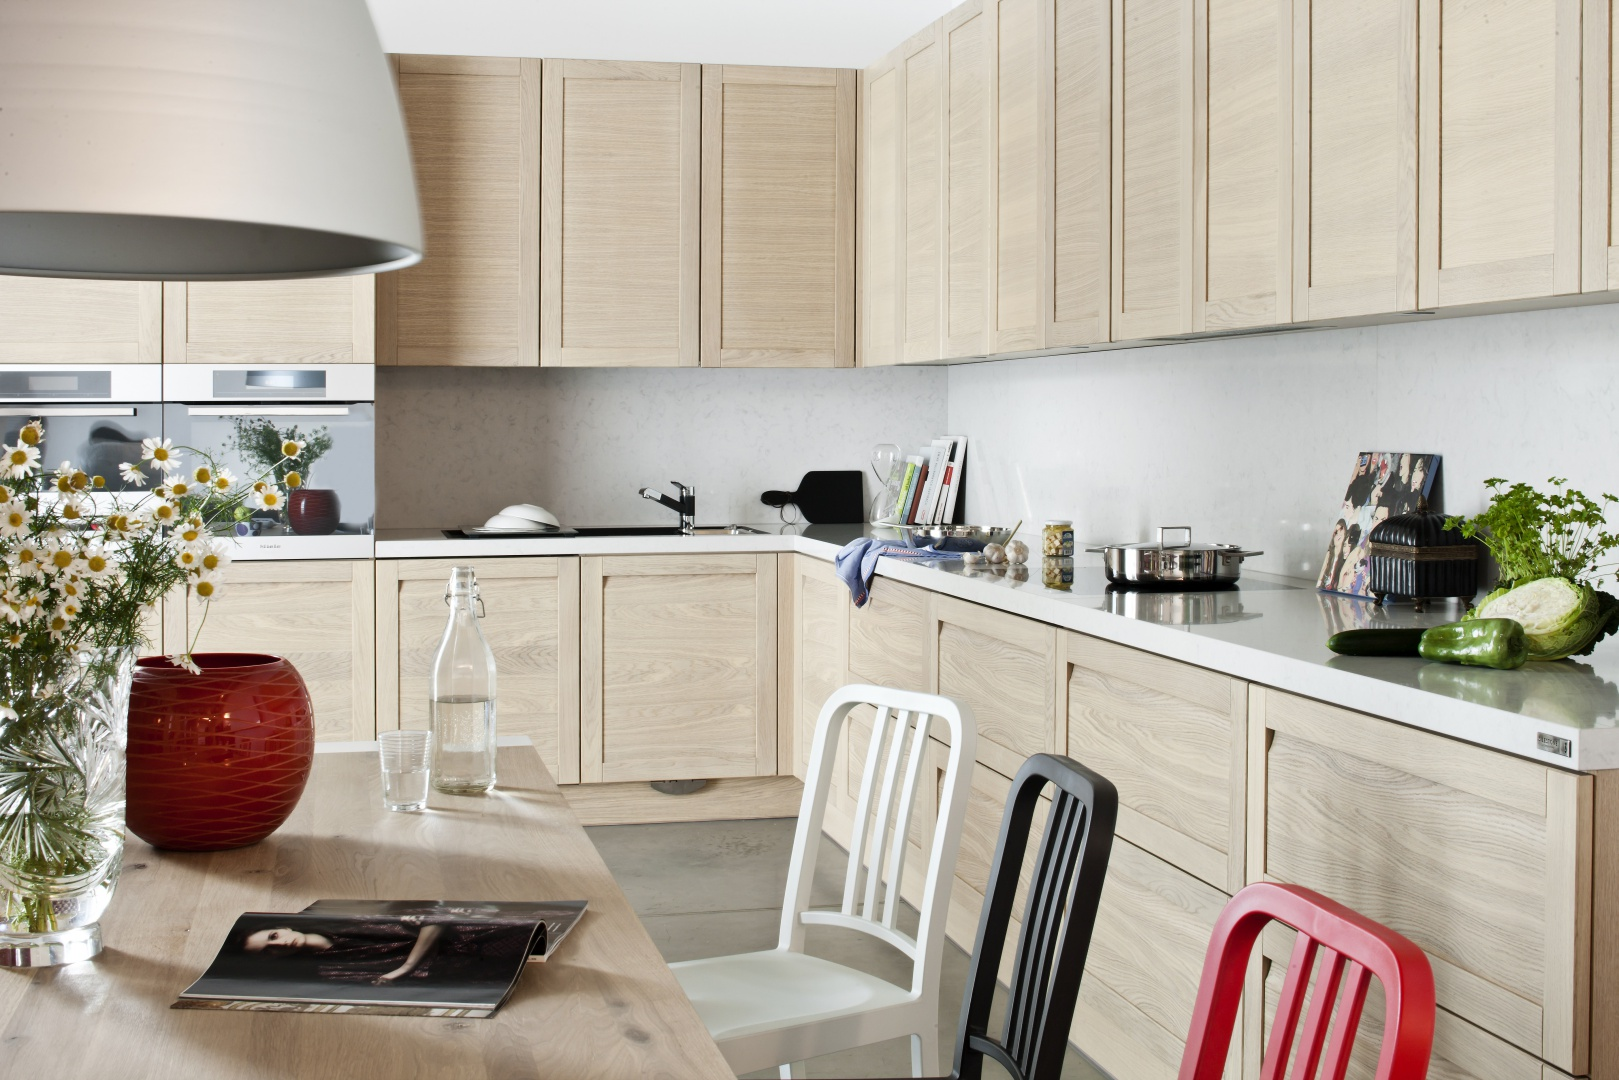 Kuchnia w drewnie 15 propozycji producentów mebli   -> Kuchnia W Kolorze Kapuczino